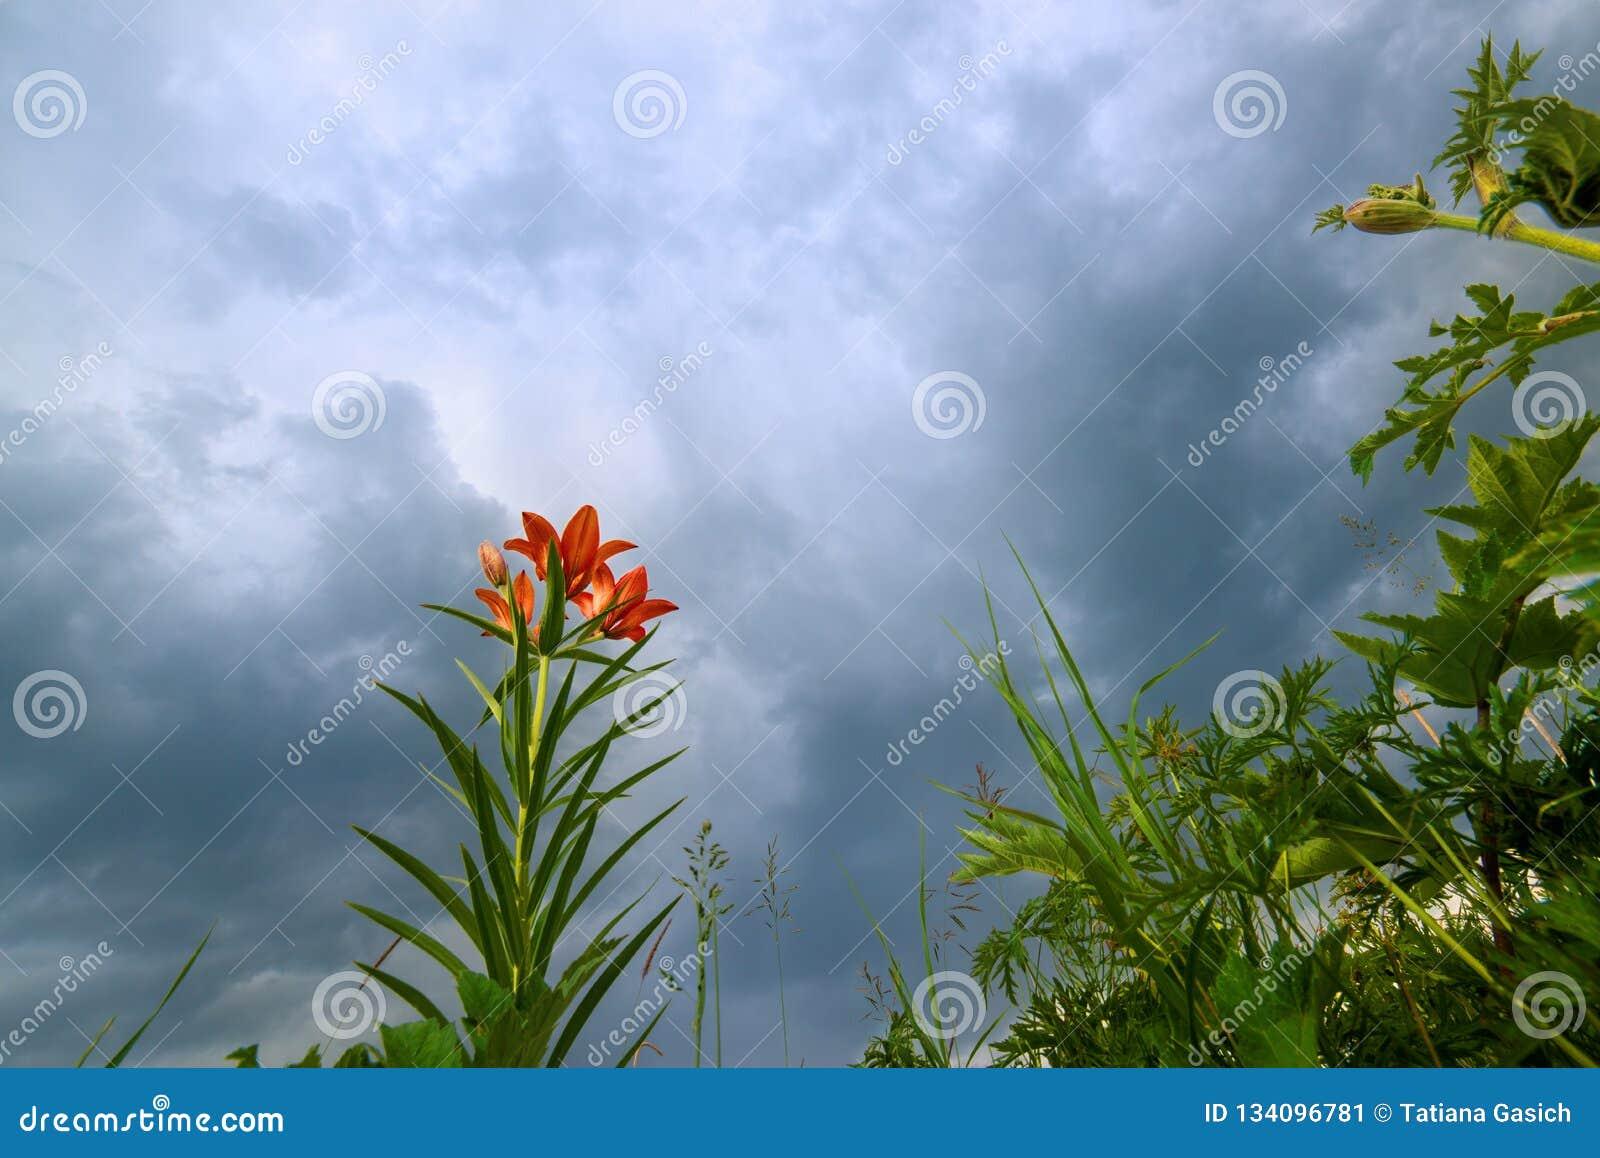 Dzika kwitnąca pomarańczowa leluja kwitnie na pięknym błękitnym grzmotu nieba tle zbliżenie